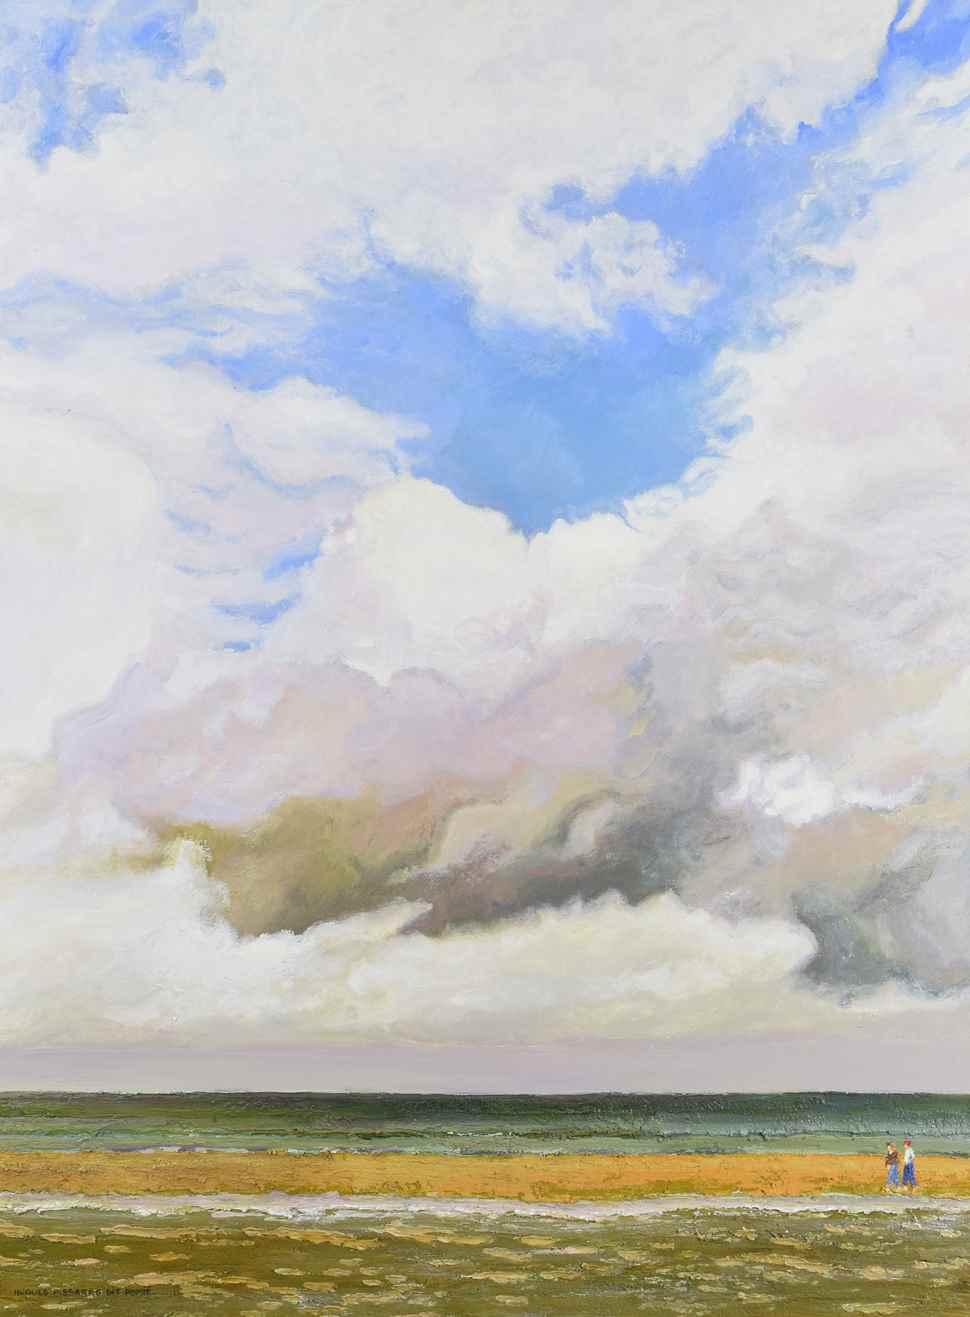 Banc de Sable - Arromanches  - Hugues dit Pomié Pissarro (b. 1935)